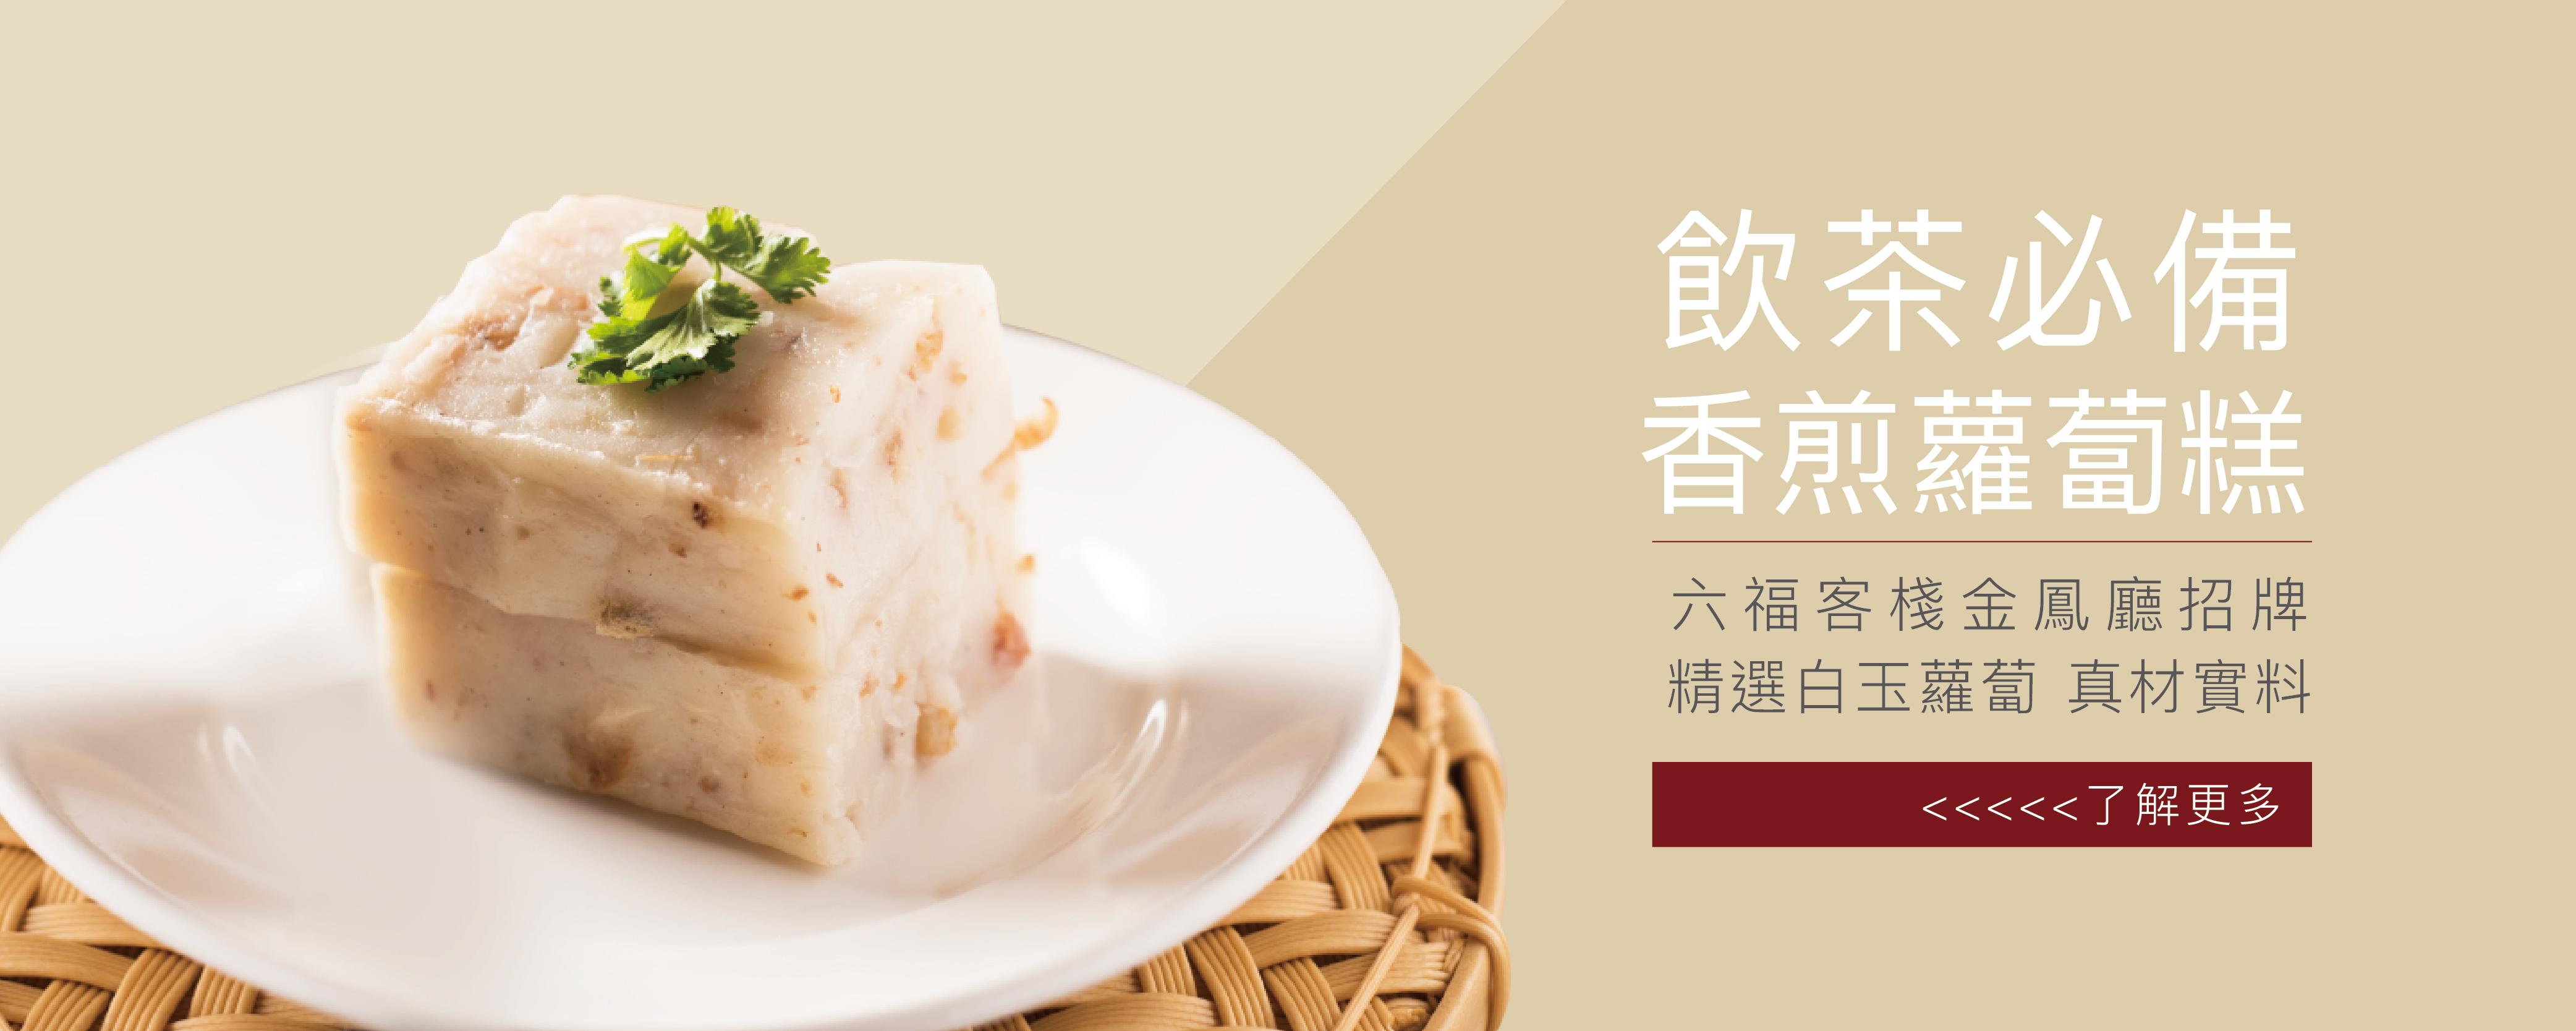 六福客棧香煎蘿蔔糕可宅配到府, 金鳳廳港式點心招牌菜 在家也可品嘗港式飲茶